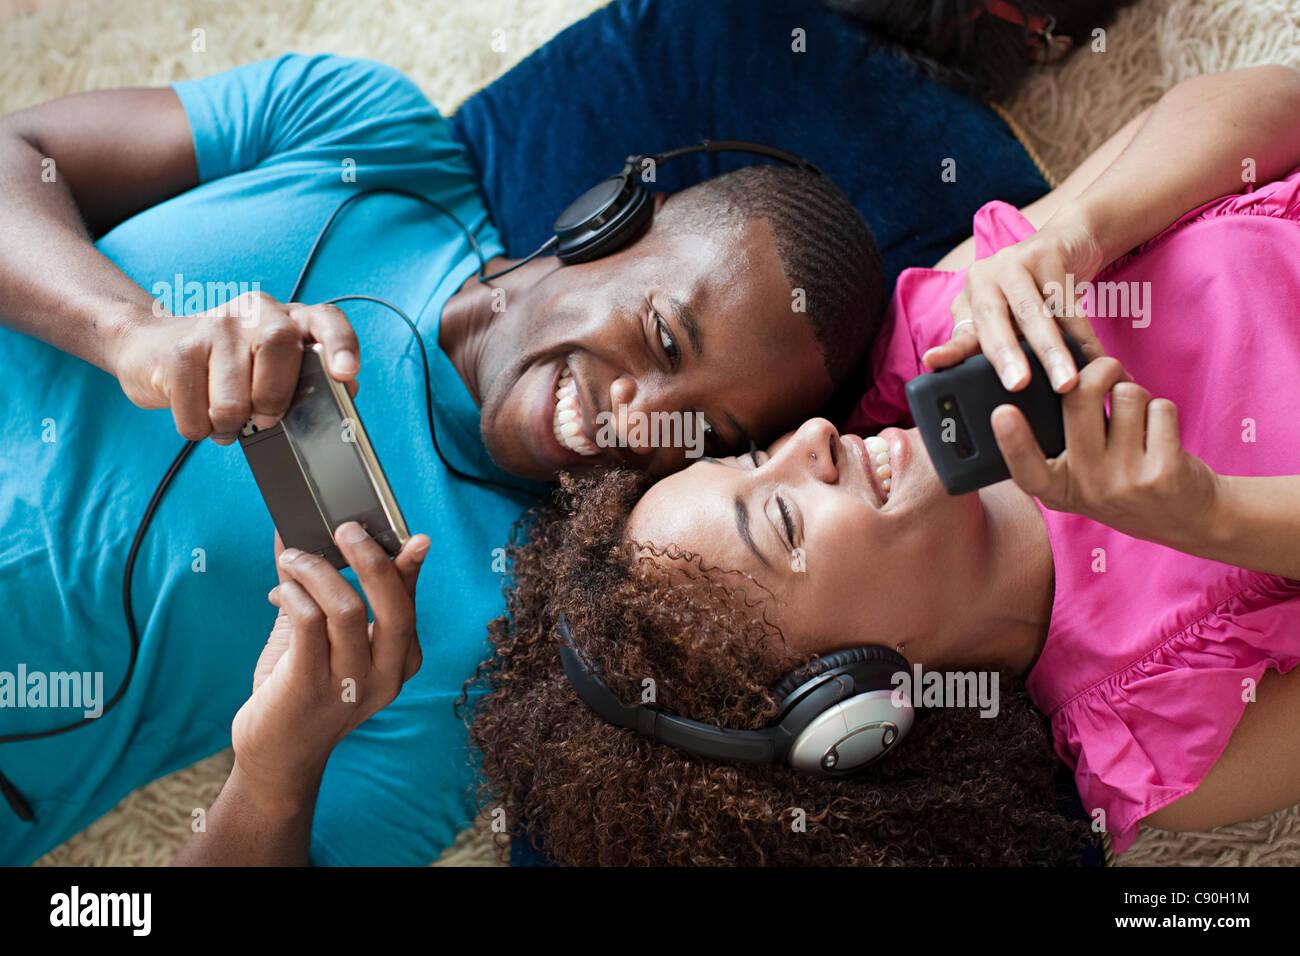 Un hombre y una mujer jugando en el dispositivo portátil y smartphone Imagen De Stock